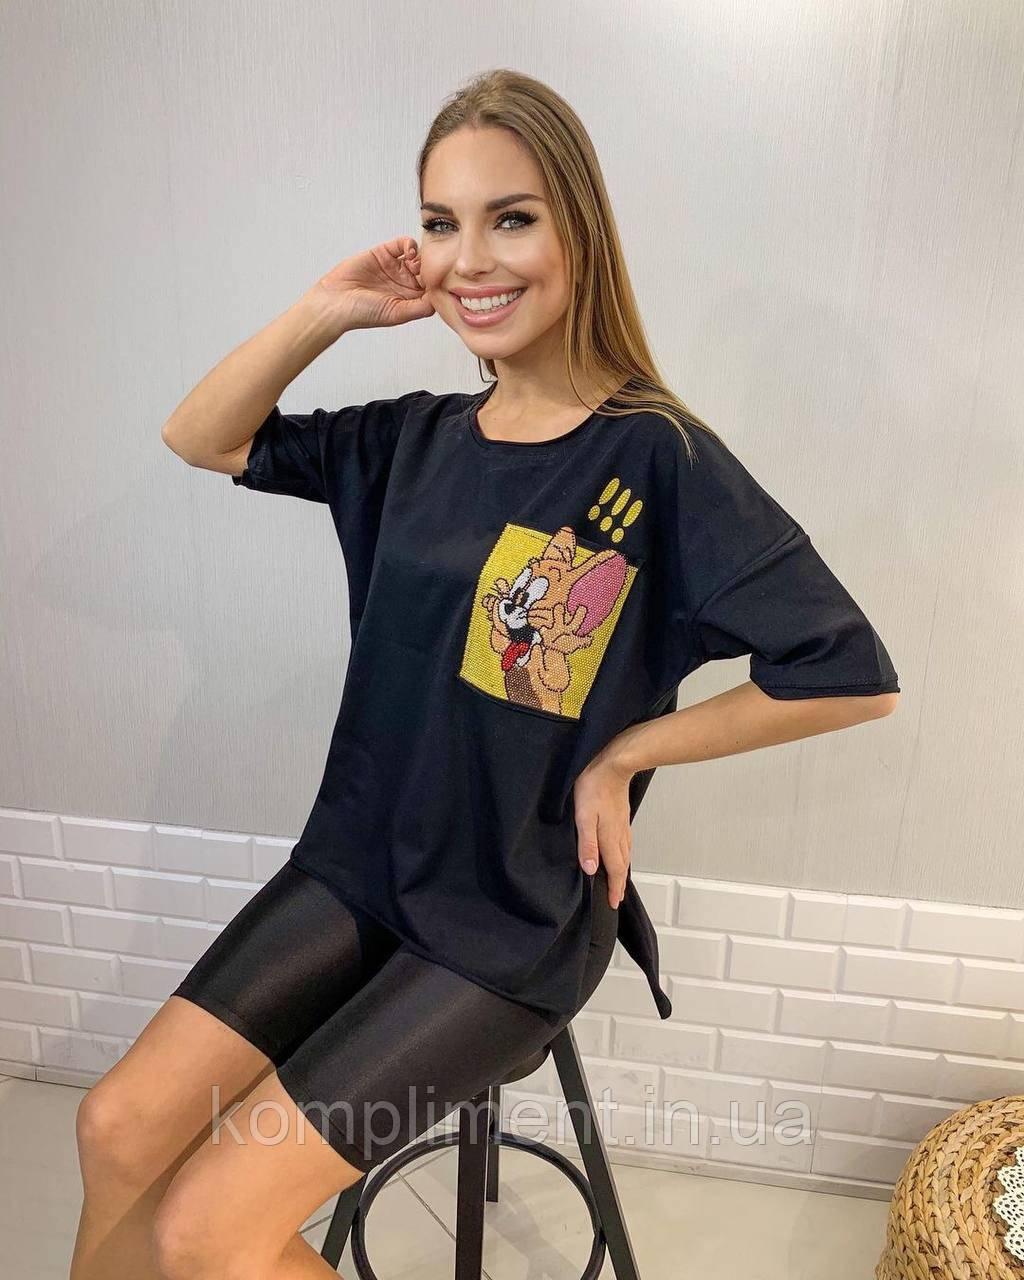 Женская яркая модная черная футболка с рисунком,Турция